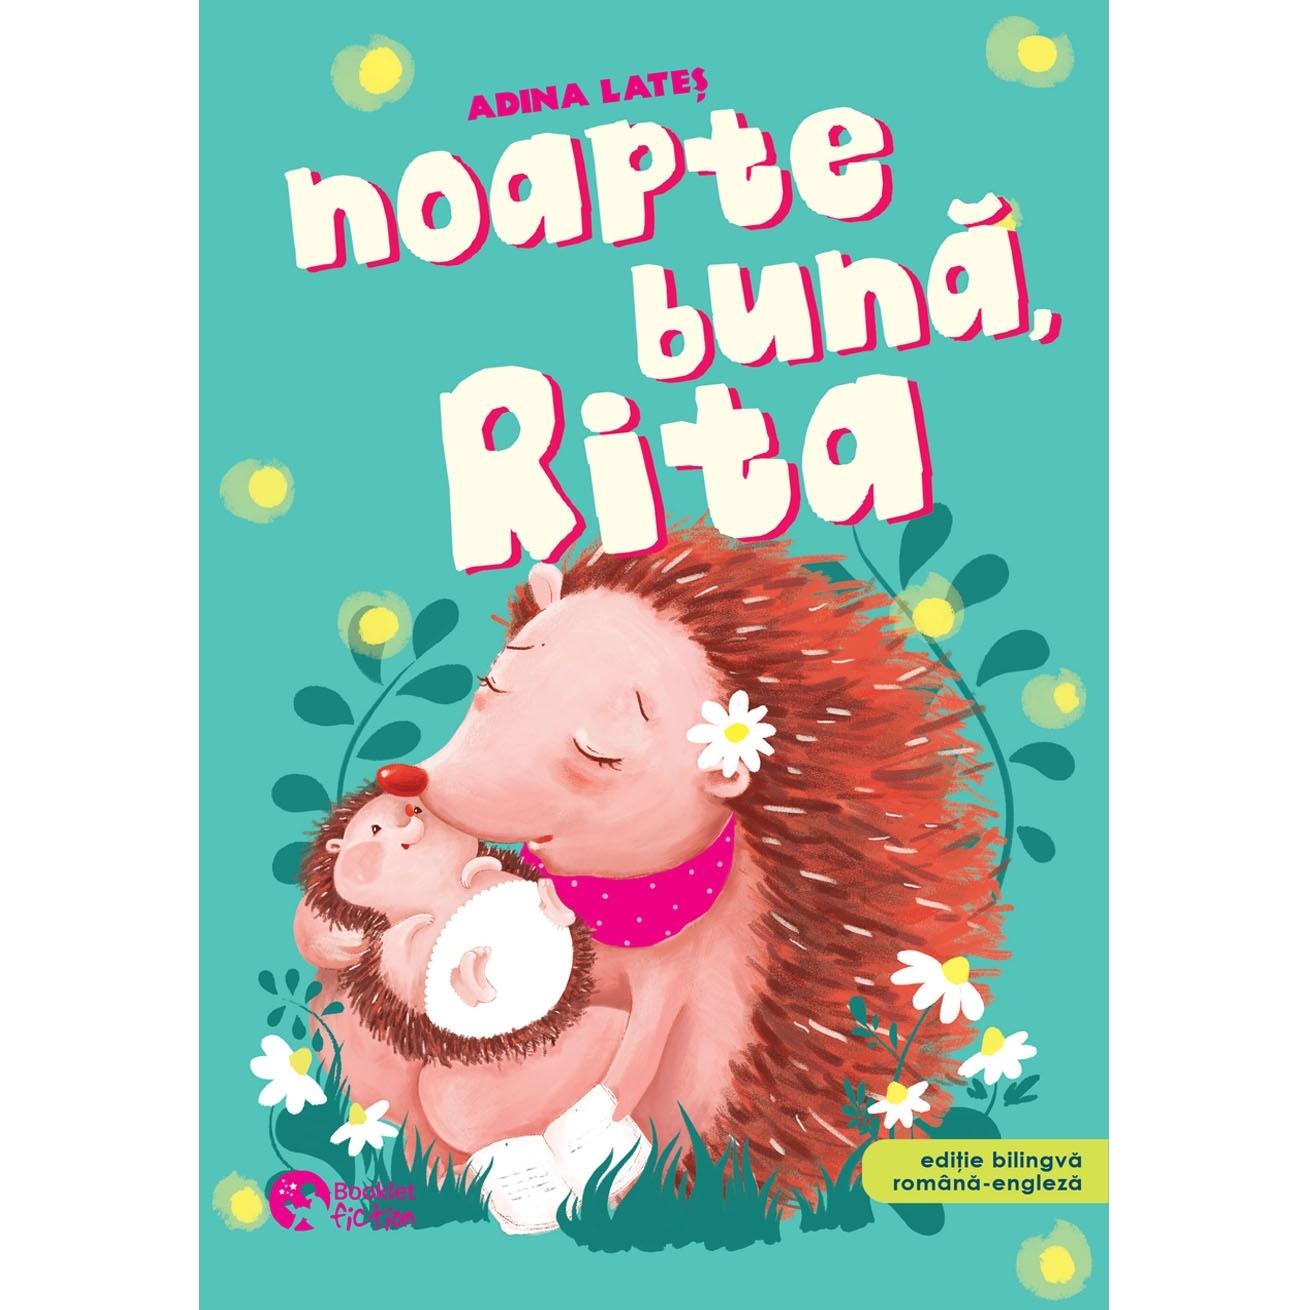 Noapte buna, Rita!